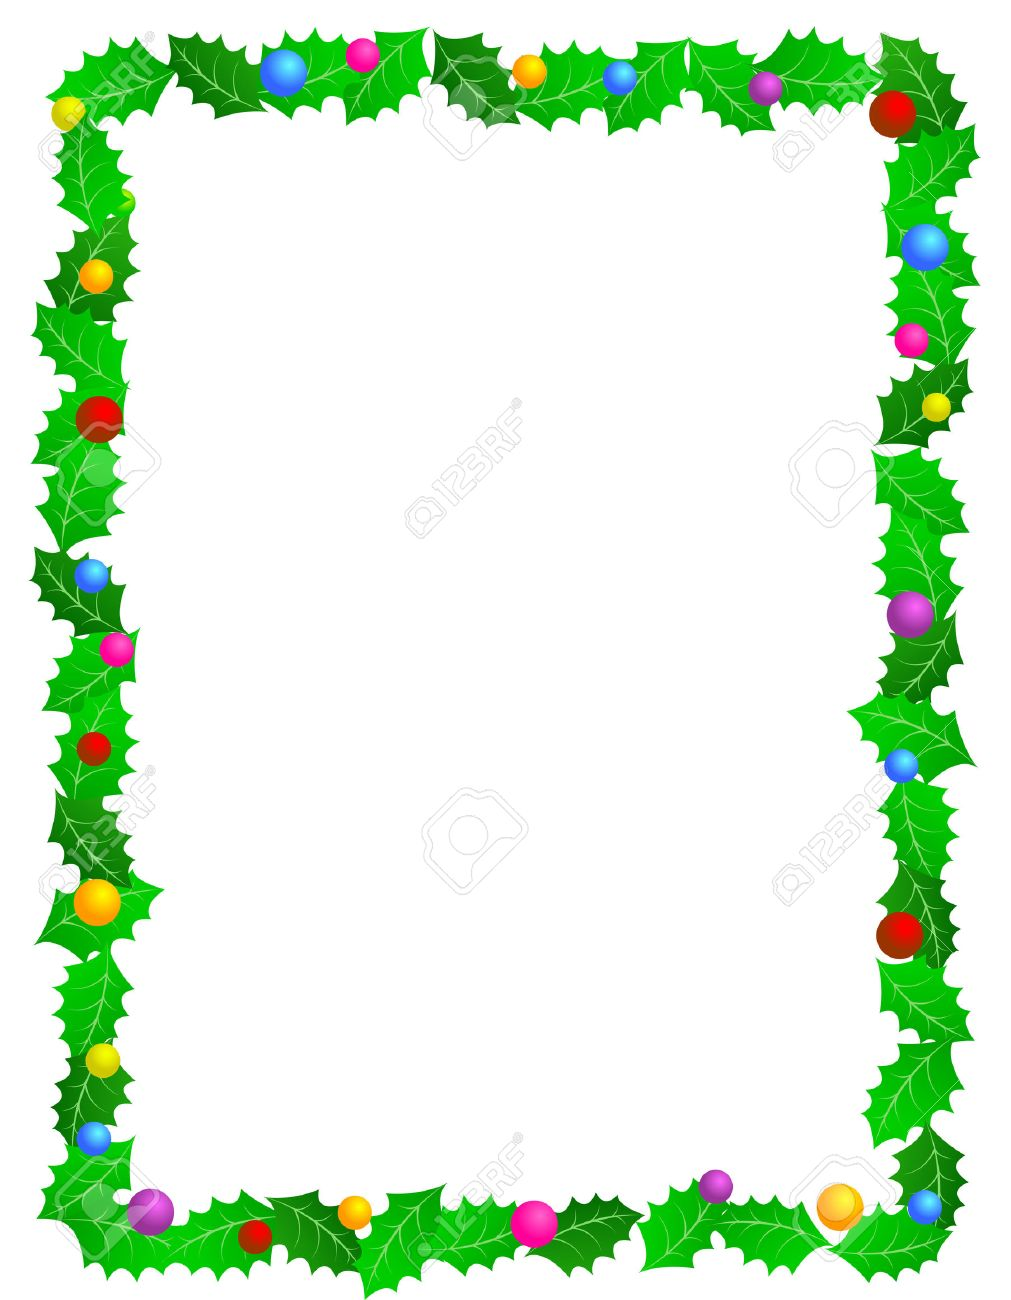 hermoso marco de acebo de navidad con hojas de acebo y adornos de colores decorativos foto